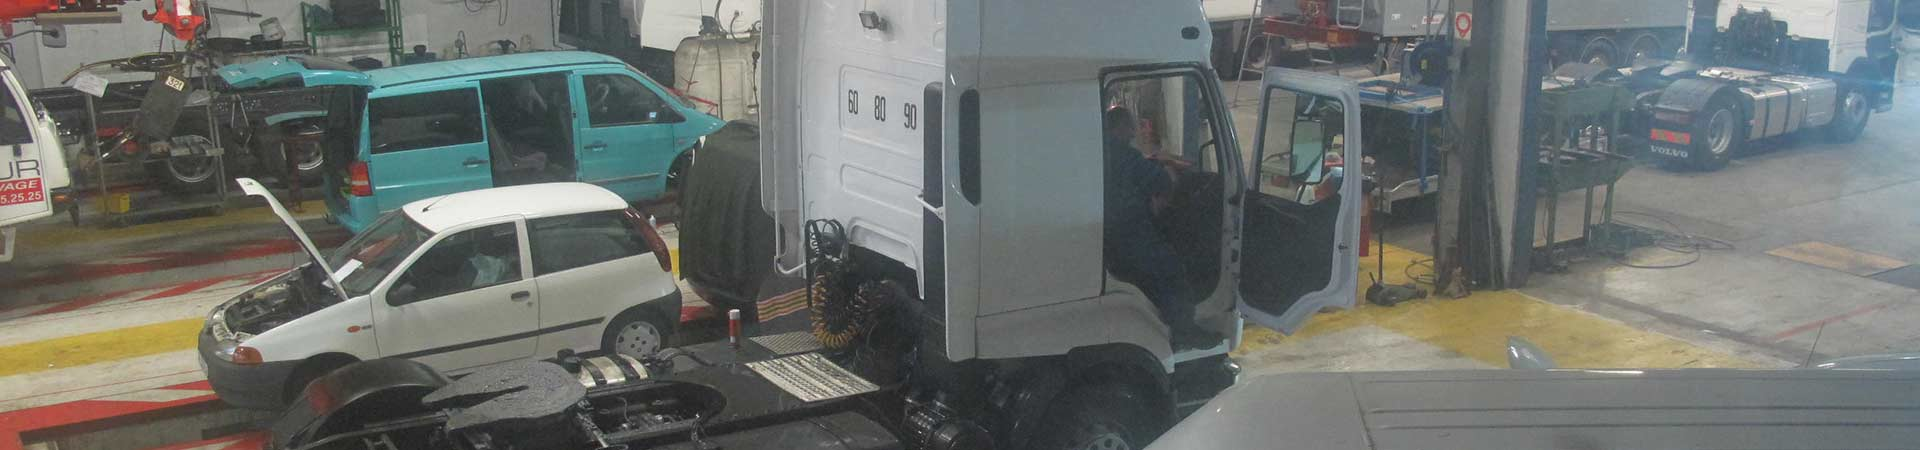 Carrosserie et peinture industrielles poids lourds vers for Garage auto meaux